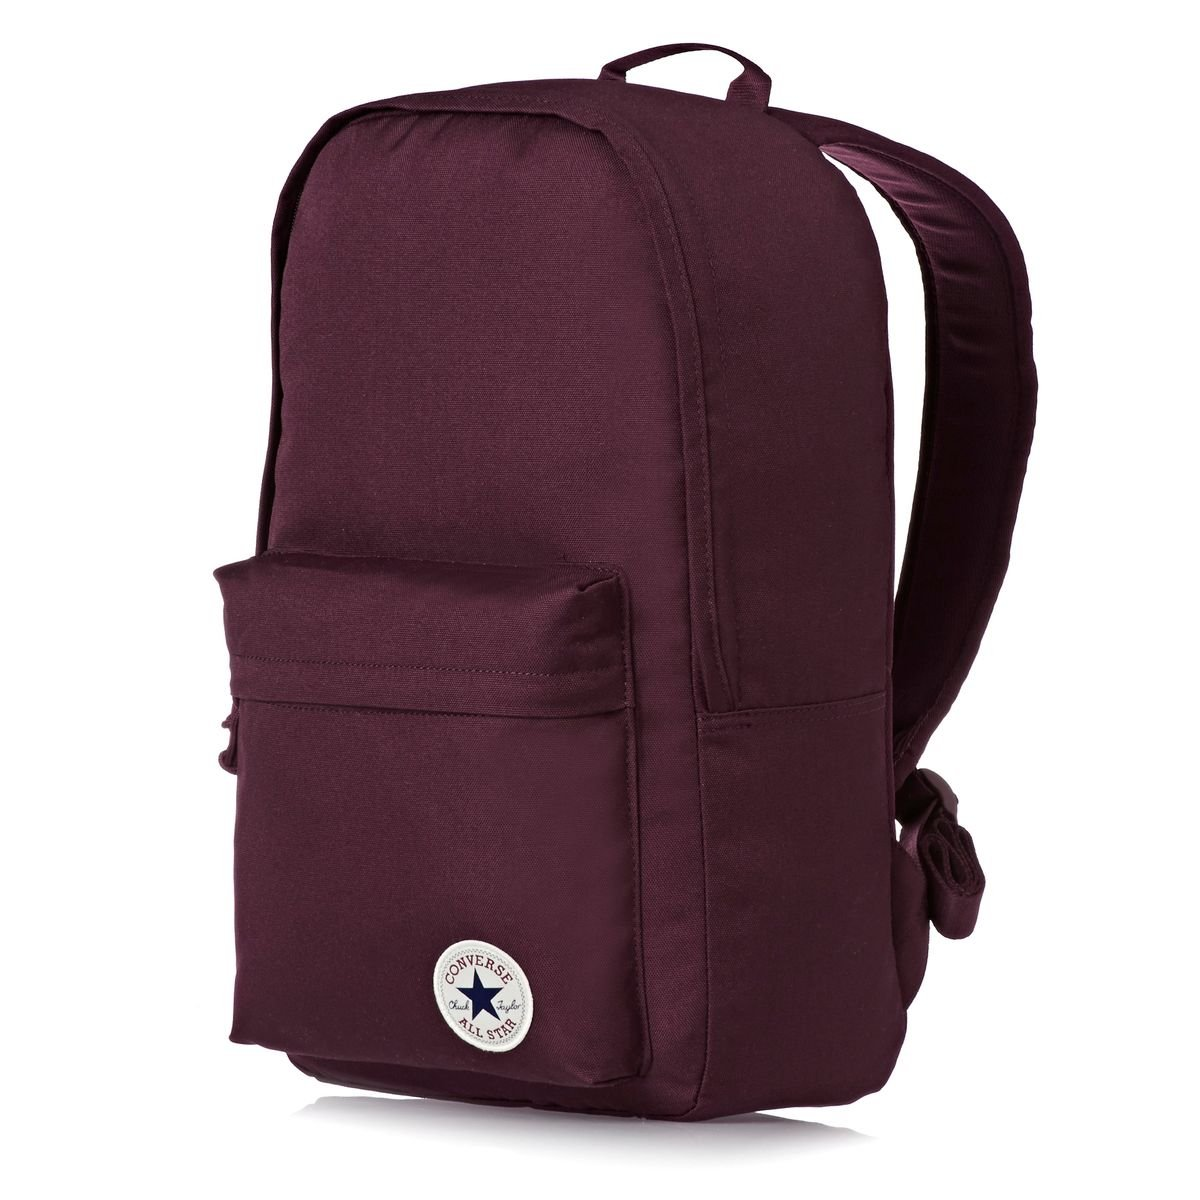 1e41e375d1ff Converse Backpack - Charcoal  Amazon.co.uk  Sports   Outdoors